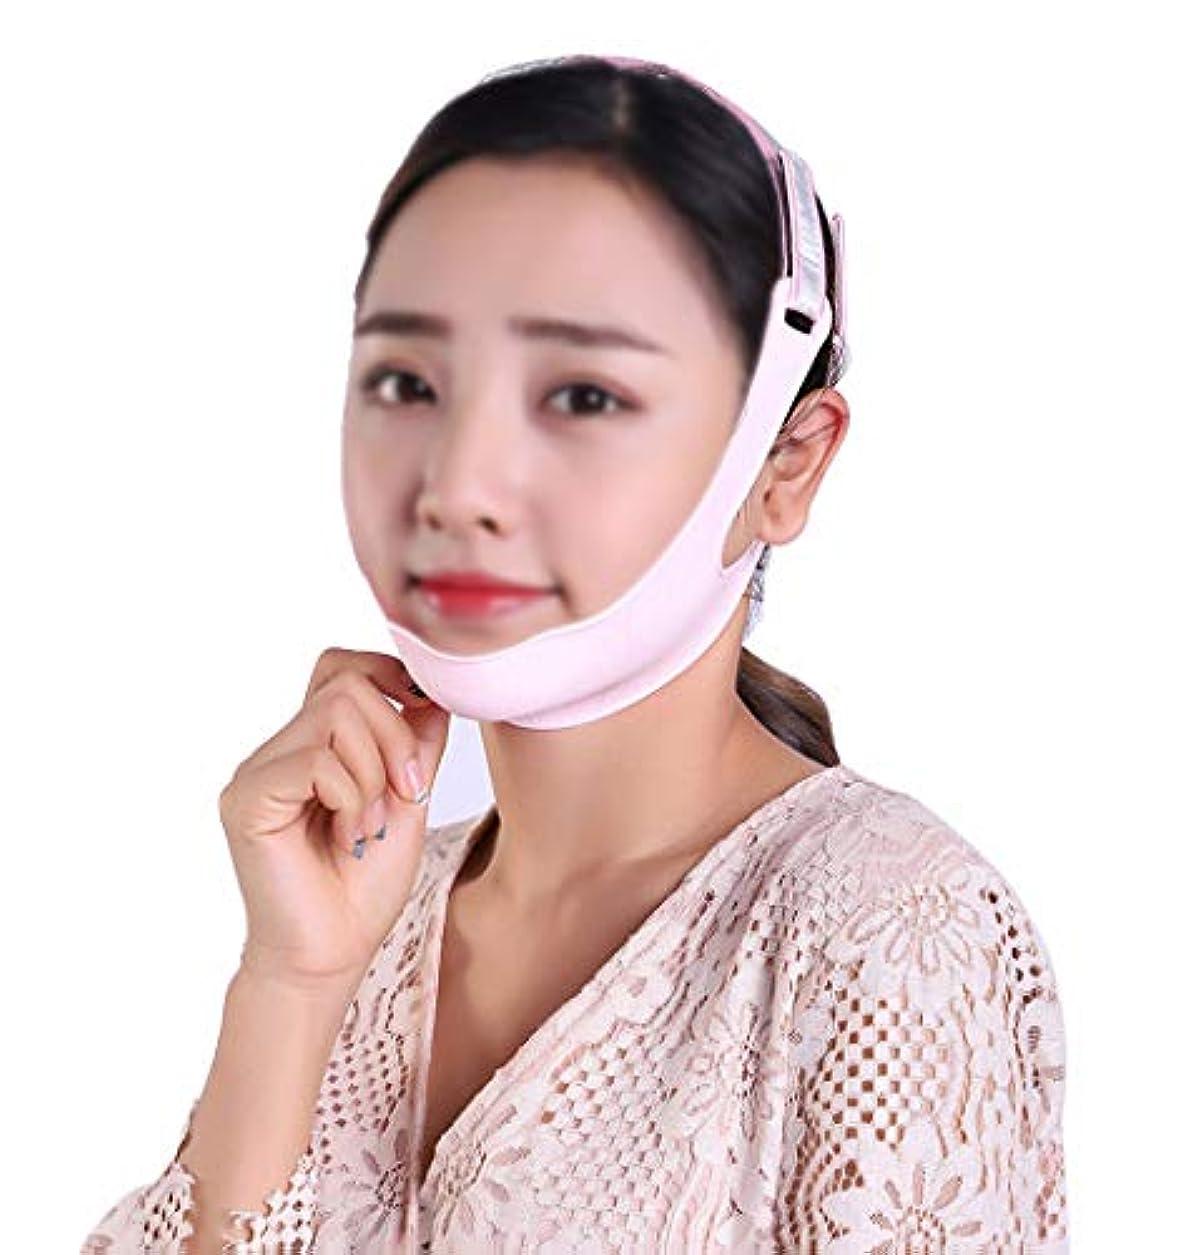 キリスト教異常なランダムフェイスリフトマスク、シリコンVフェイスマスクの引き締め、リフティングフェイス、リラクゼーションフェイスとネックリフトのバンデージスモールVフェイスアーチファクト防止 (Size : L)